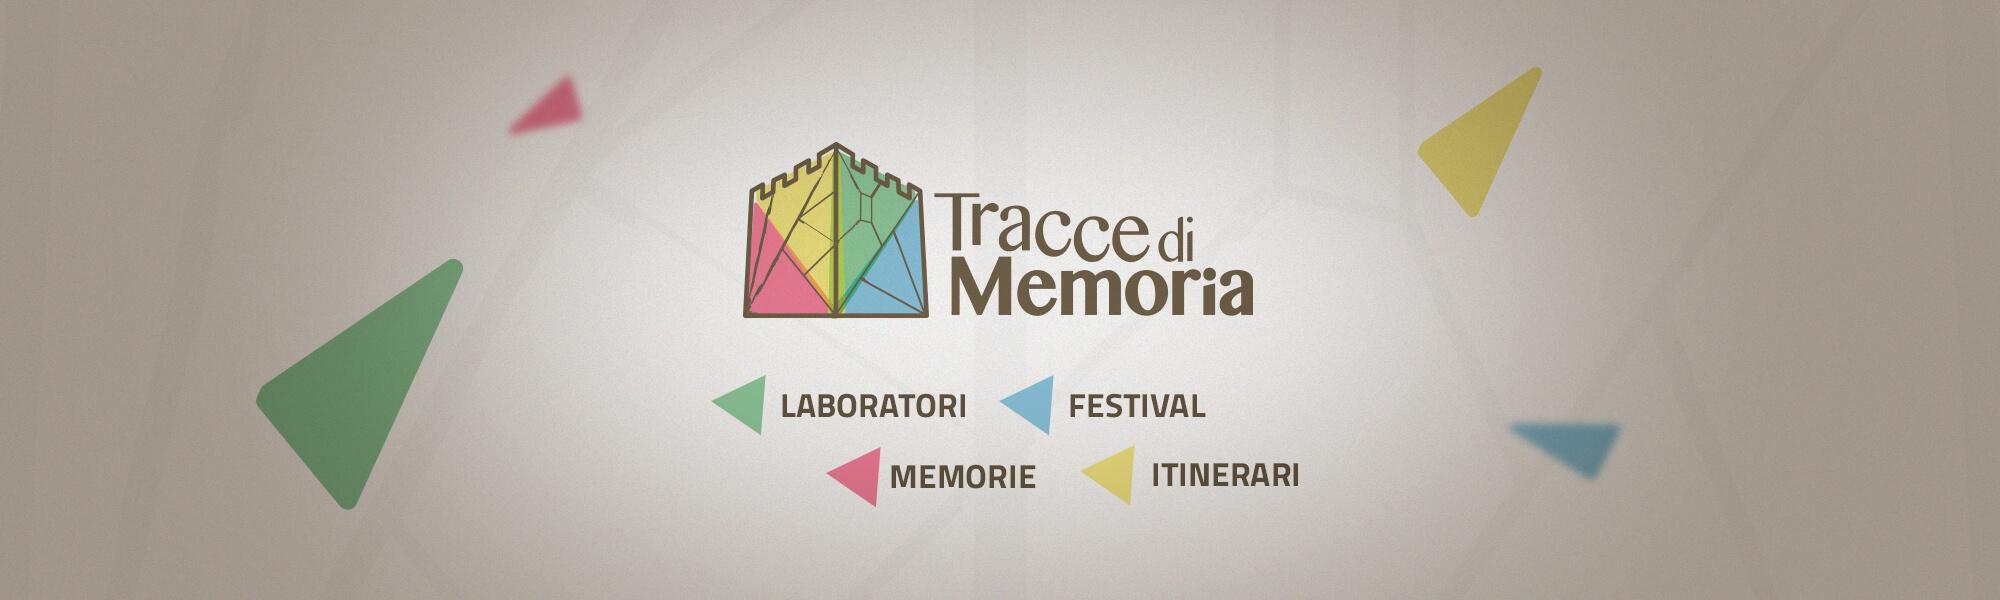 Tracce-di-memoria_slider_02_A601